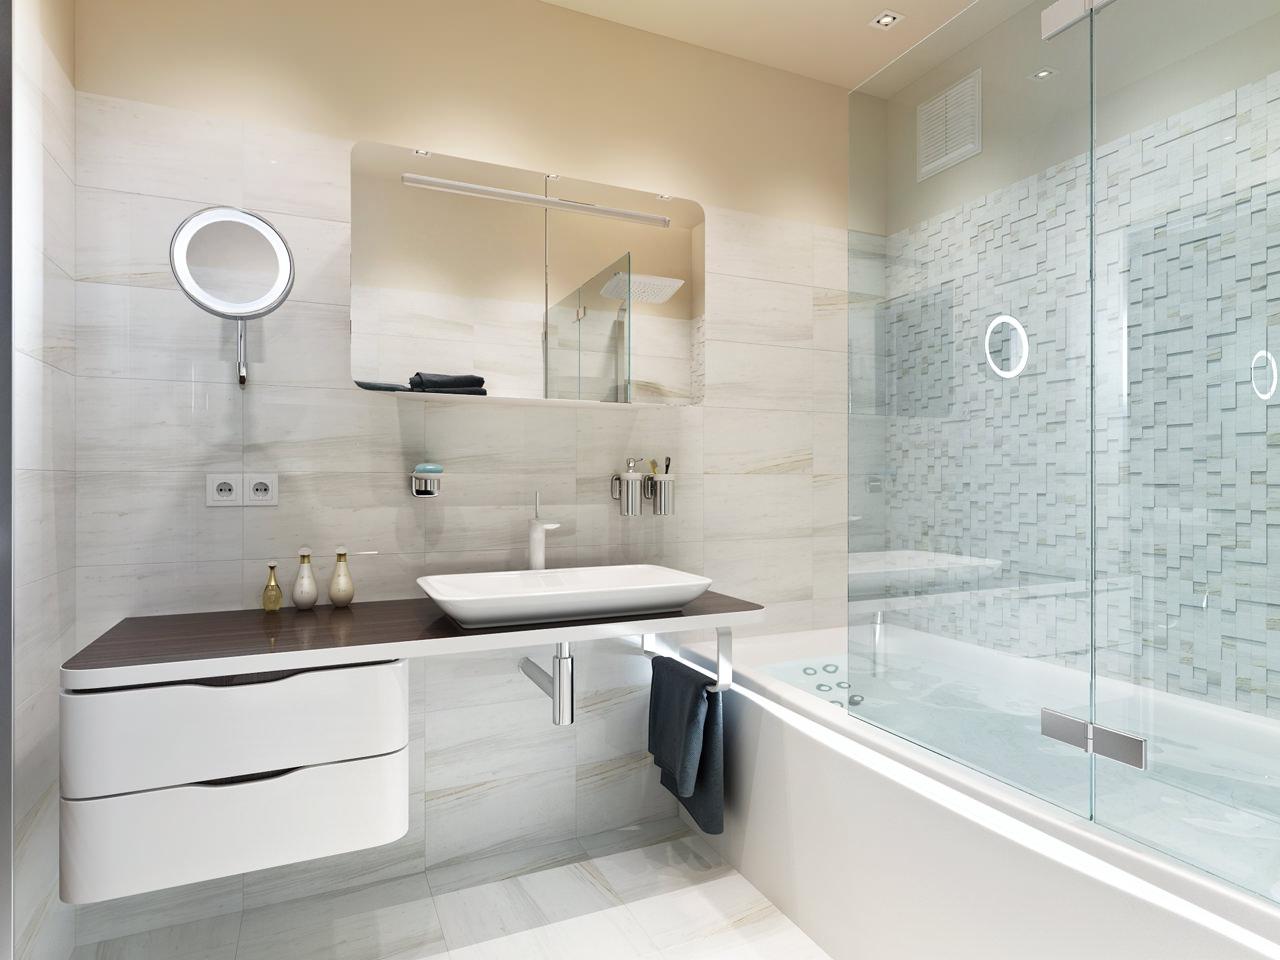 34-Modern-vanity-unit